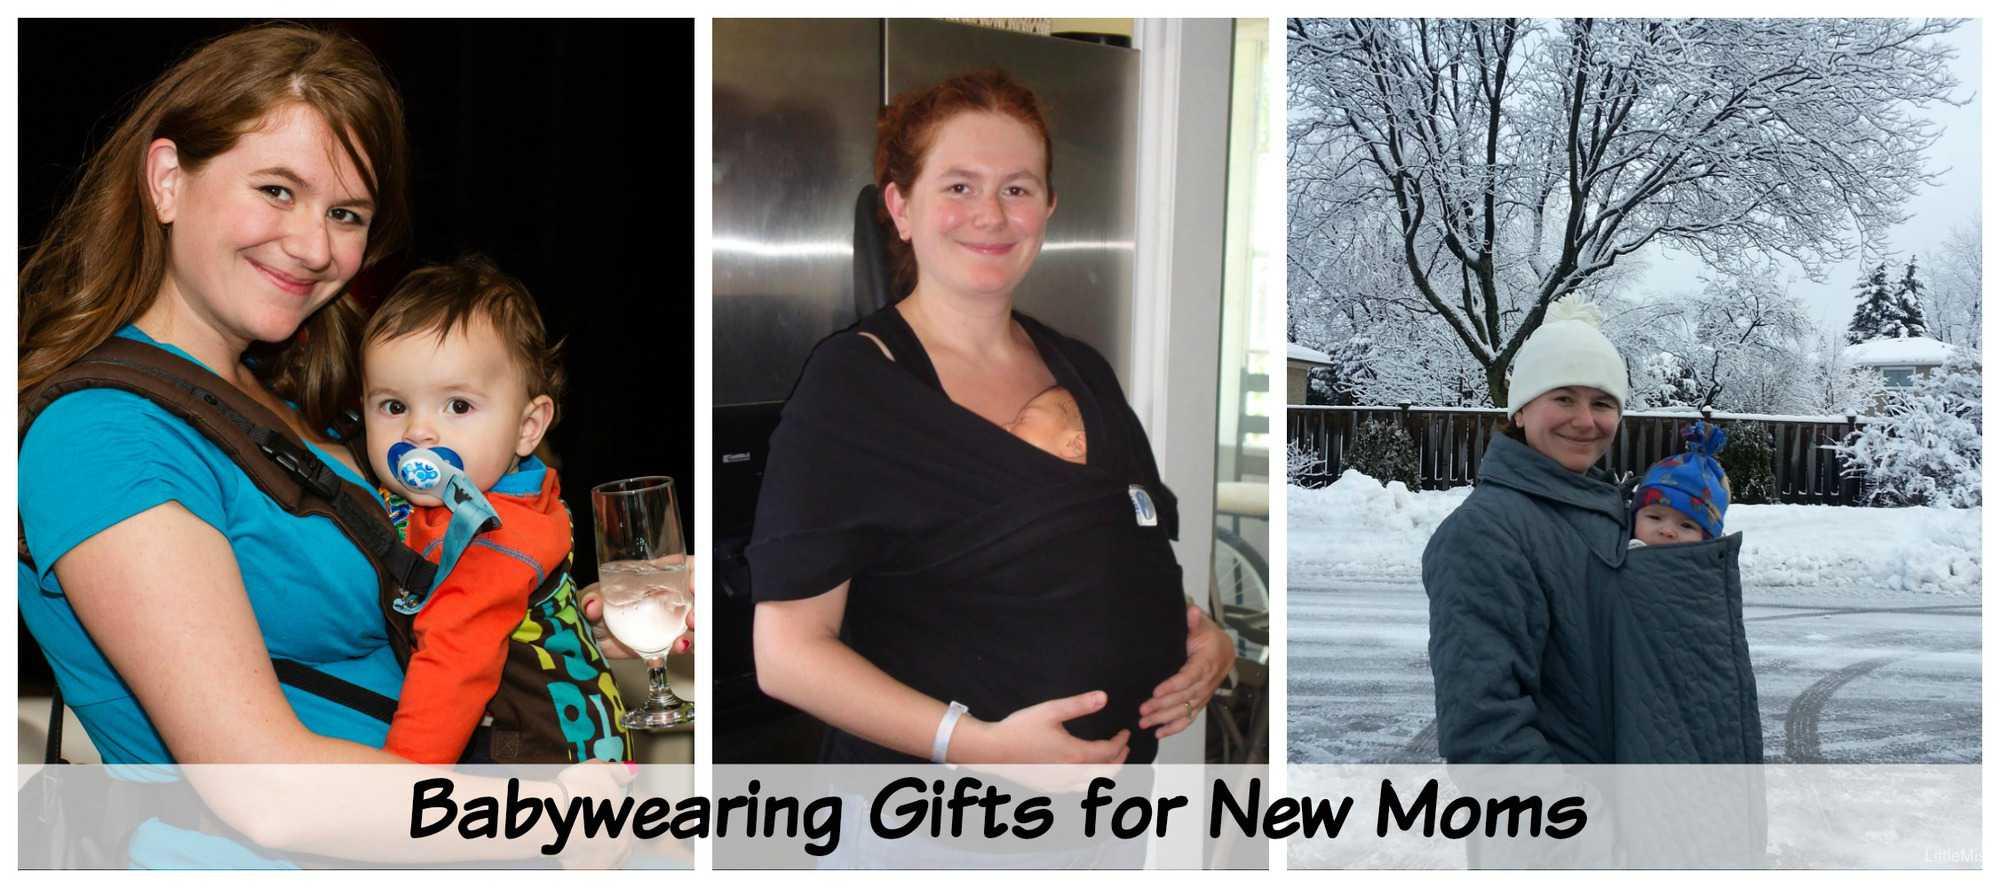 Babywearing Gift Ideas For New Moms via LittleMissKate.ca